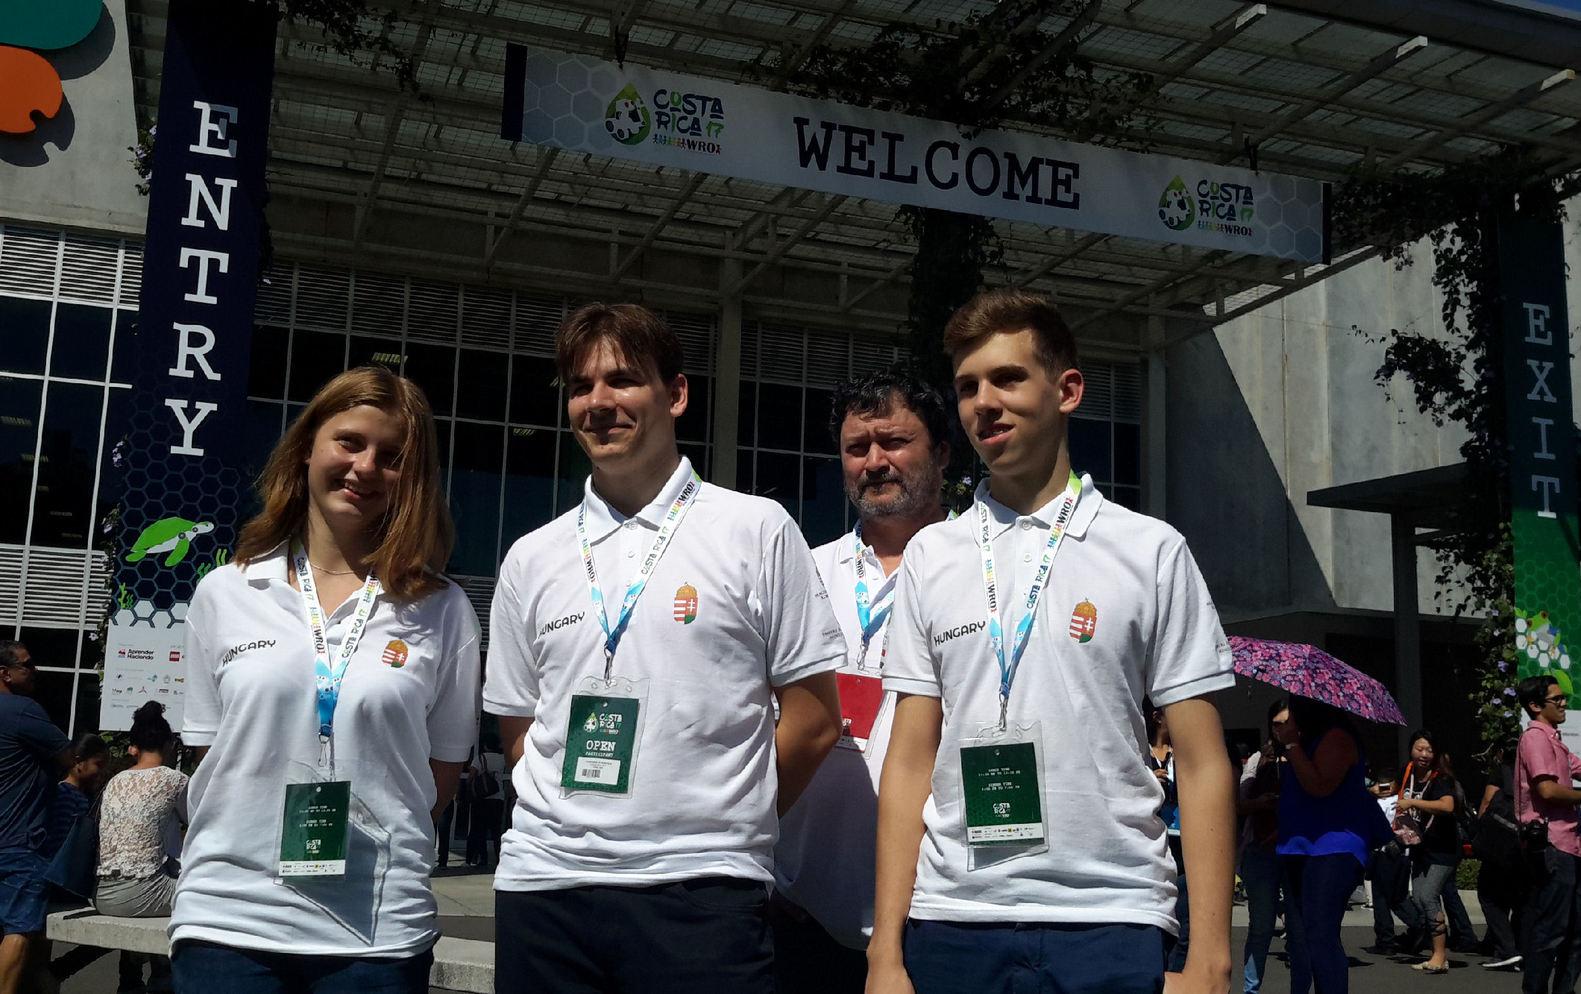 Mihalik Dániel, Nyíri Anna Eszter és Szakali Benedek 10-12. osztályos tanulók a WRO robotika világbajnokságon.